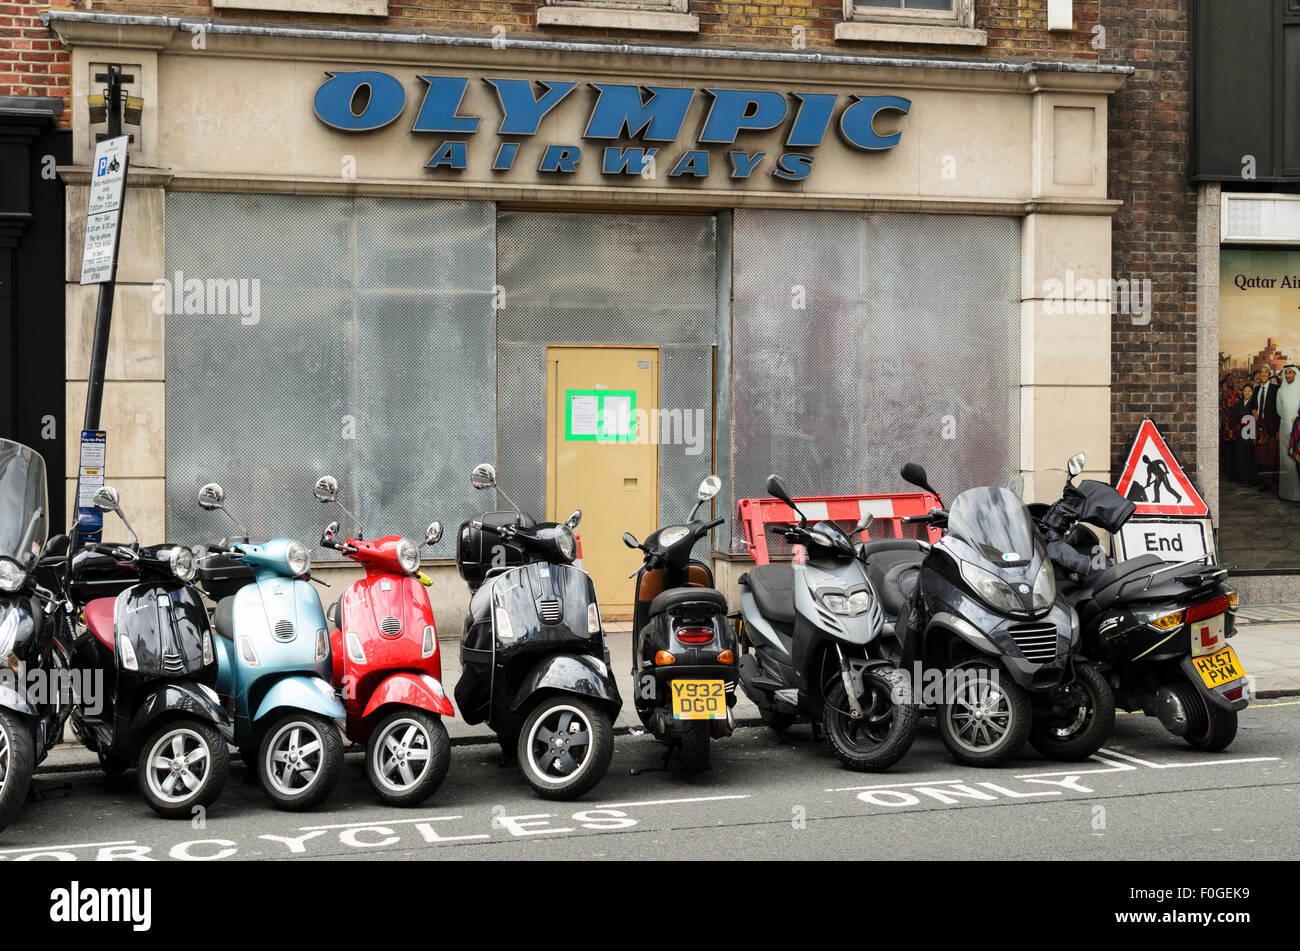 Los ciclomotores estacionados fuera de la ex Oficina de Olympic Airways, Londres, Inglaterra, Reino Unido. Foto de stock